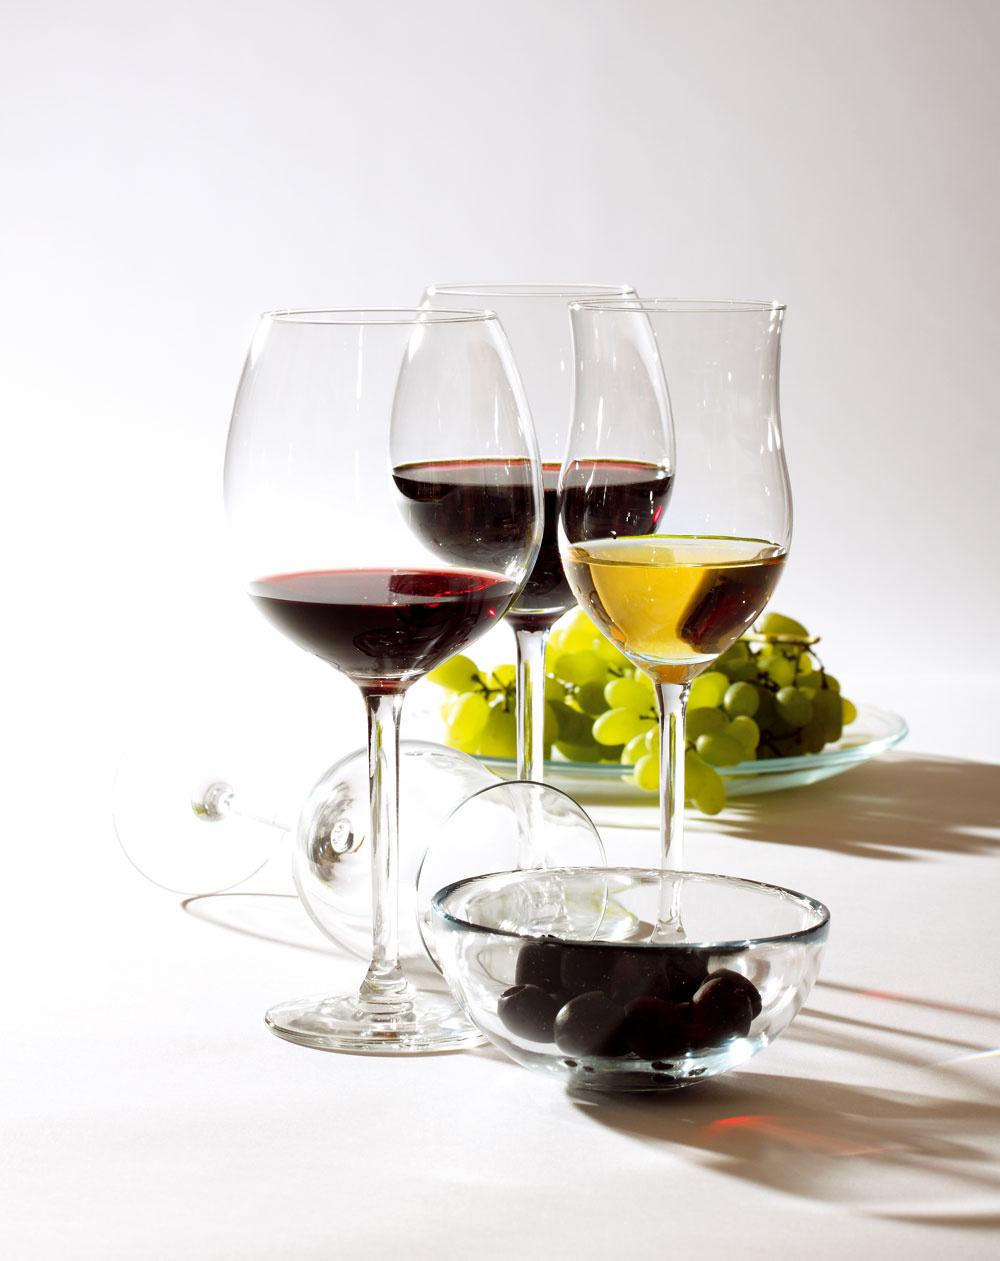 Poháre Hederlig, objem na biele víno 36cl, načervené 59cl, cena 0,99 €/ks. Miska Blanda, priemer 12cm, tanier Öpen, priemer 23 cm, cena 0,99 €/ks. Predáva IKEA.